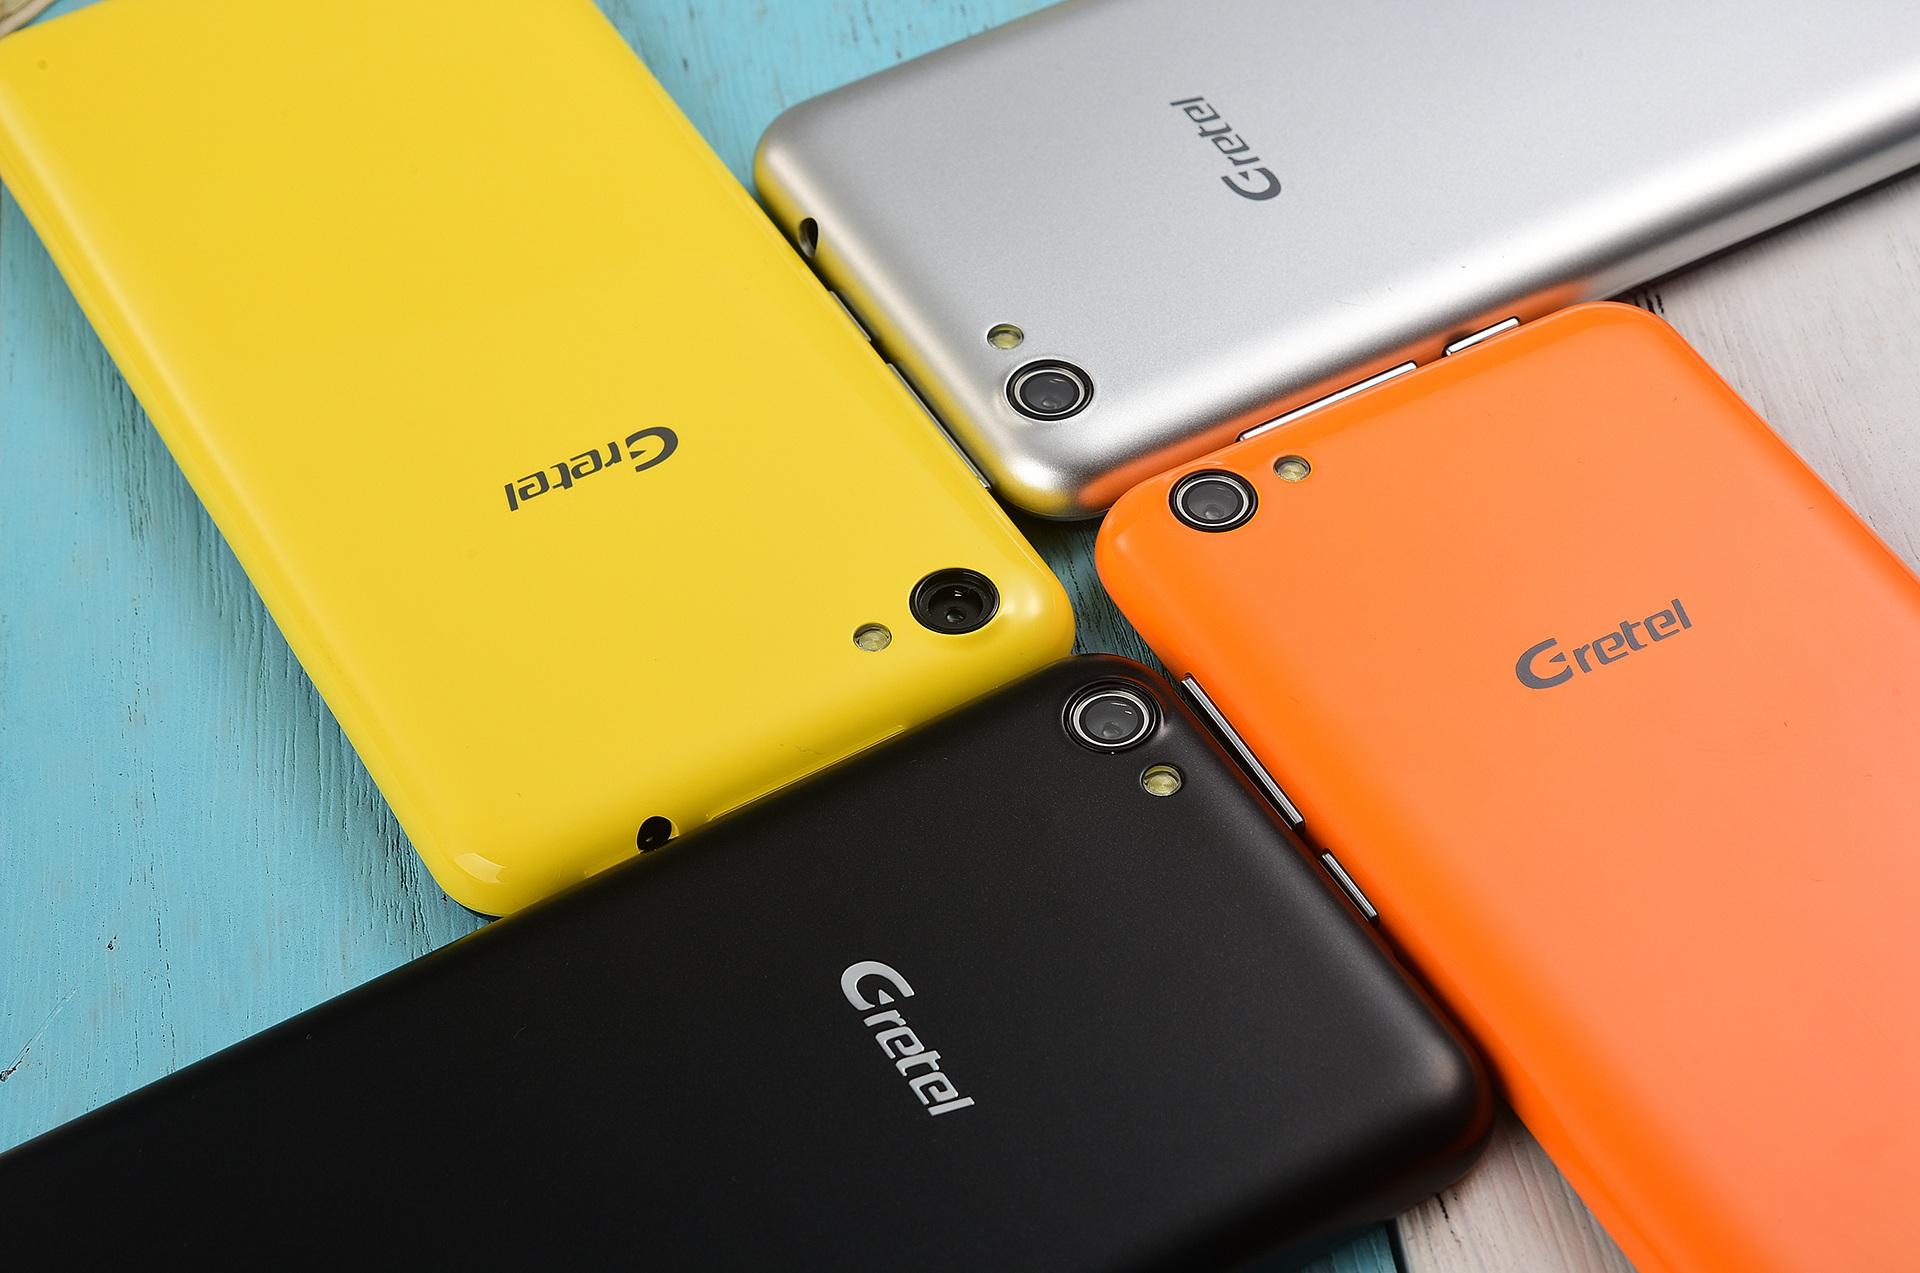 Nový výrobce telefonů Gretel cílí na nejnižší třídu